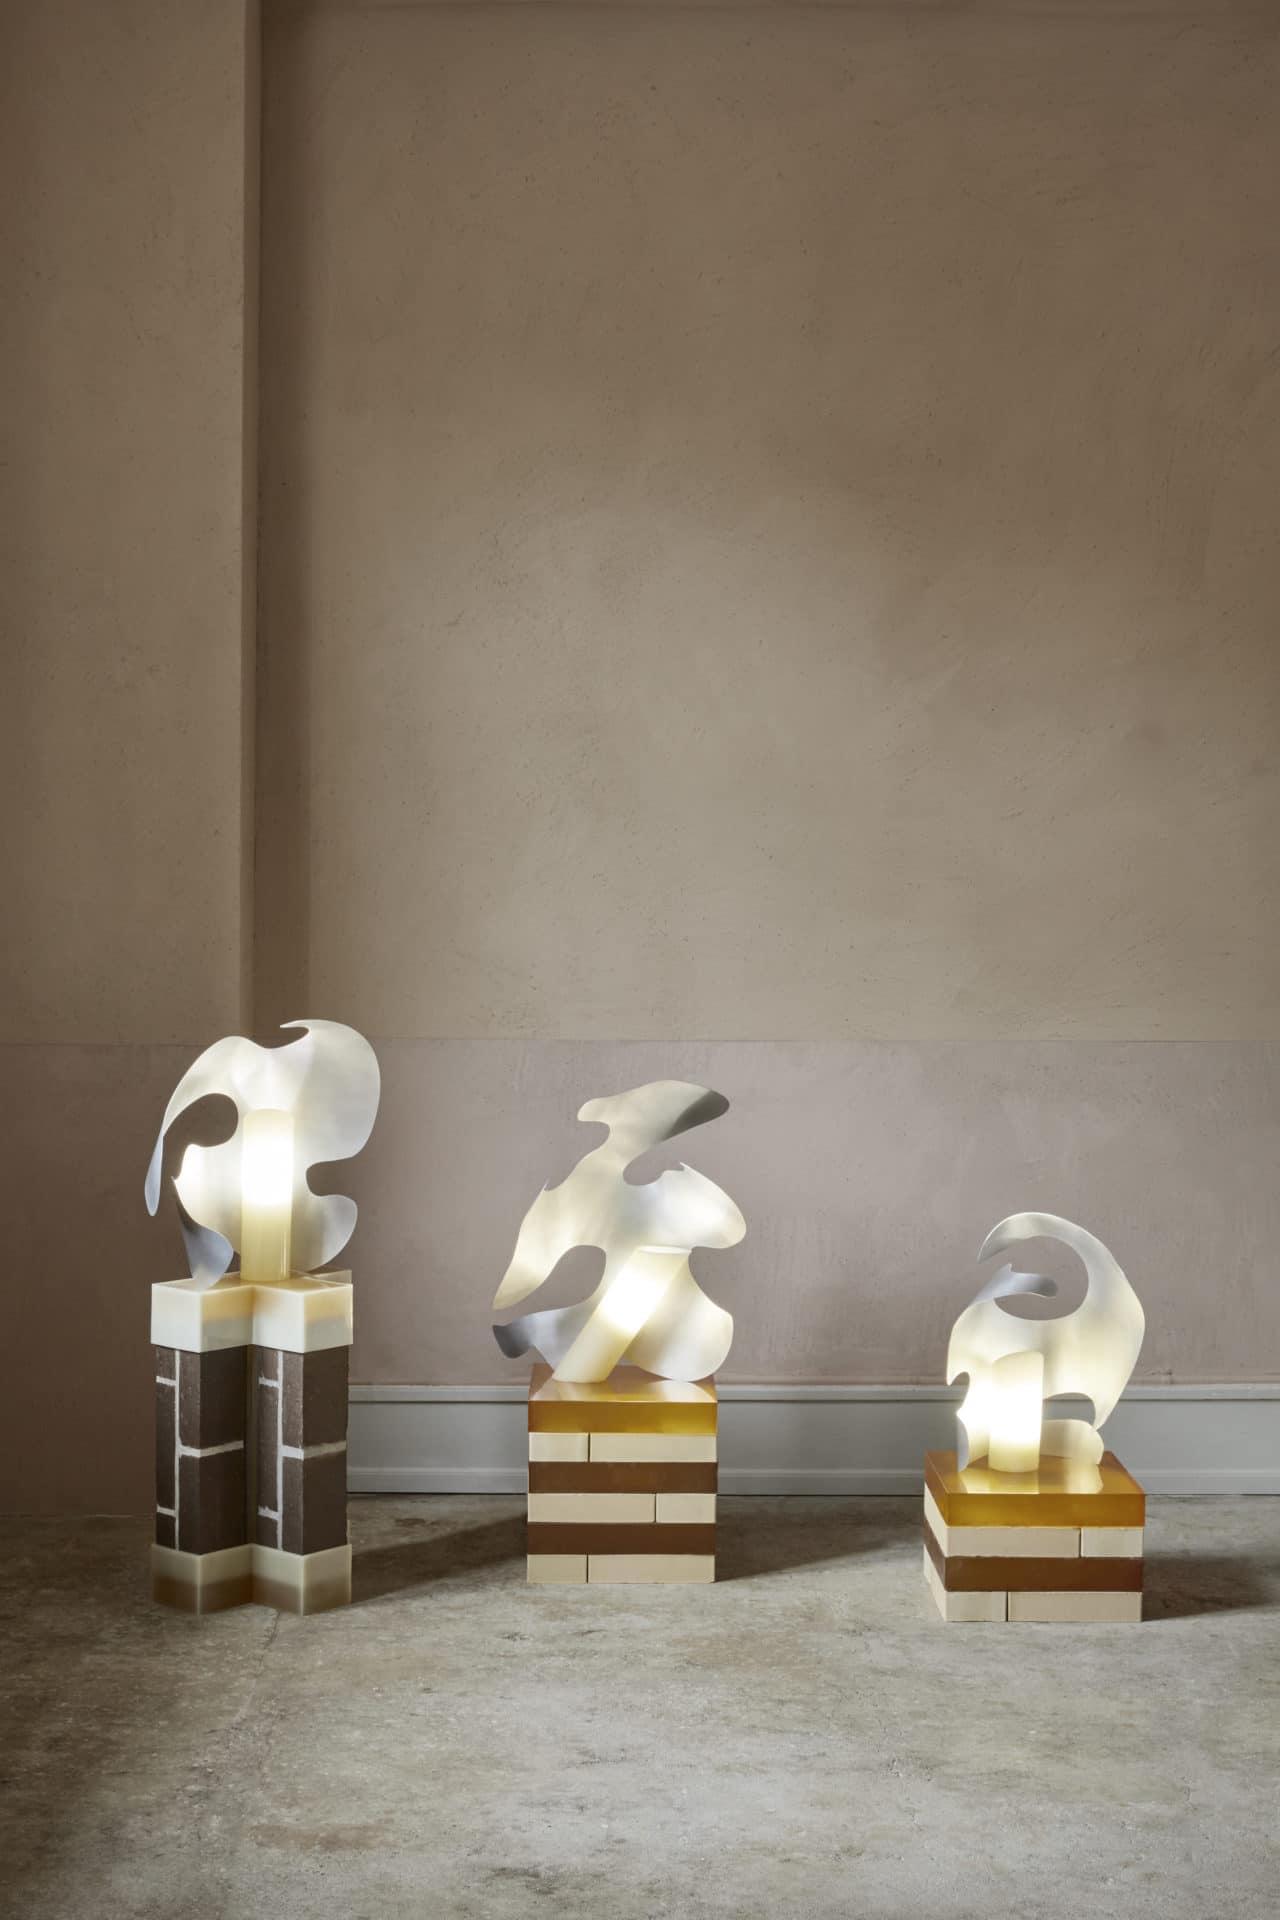 Ida Elke présente la lampe sculpturale Odd Shell light